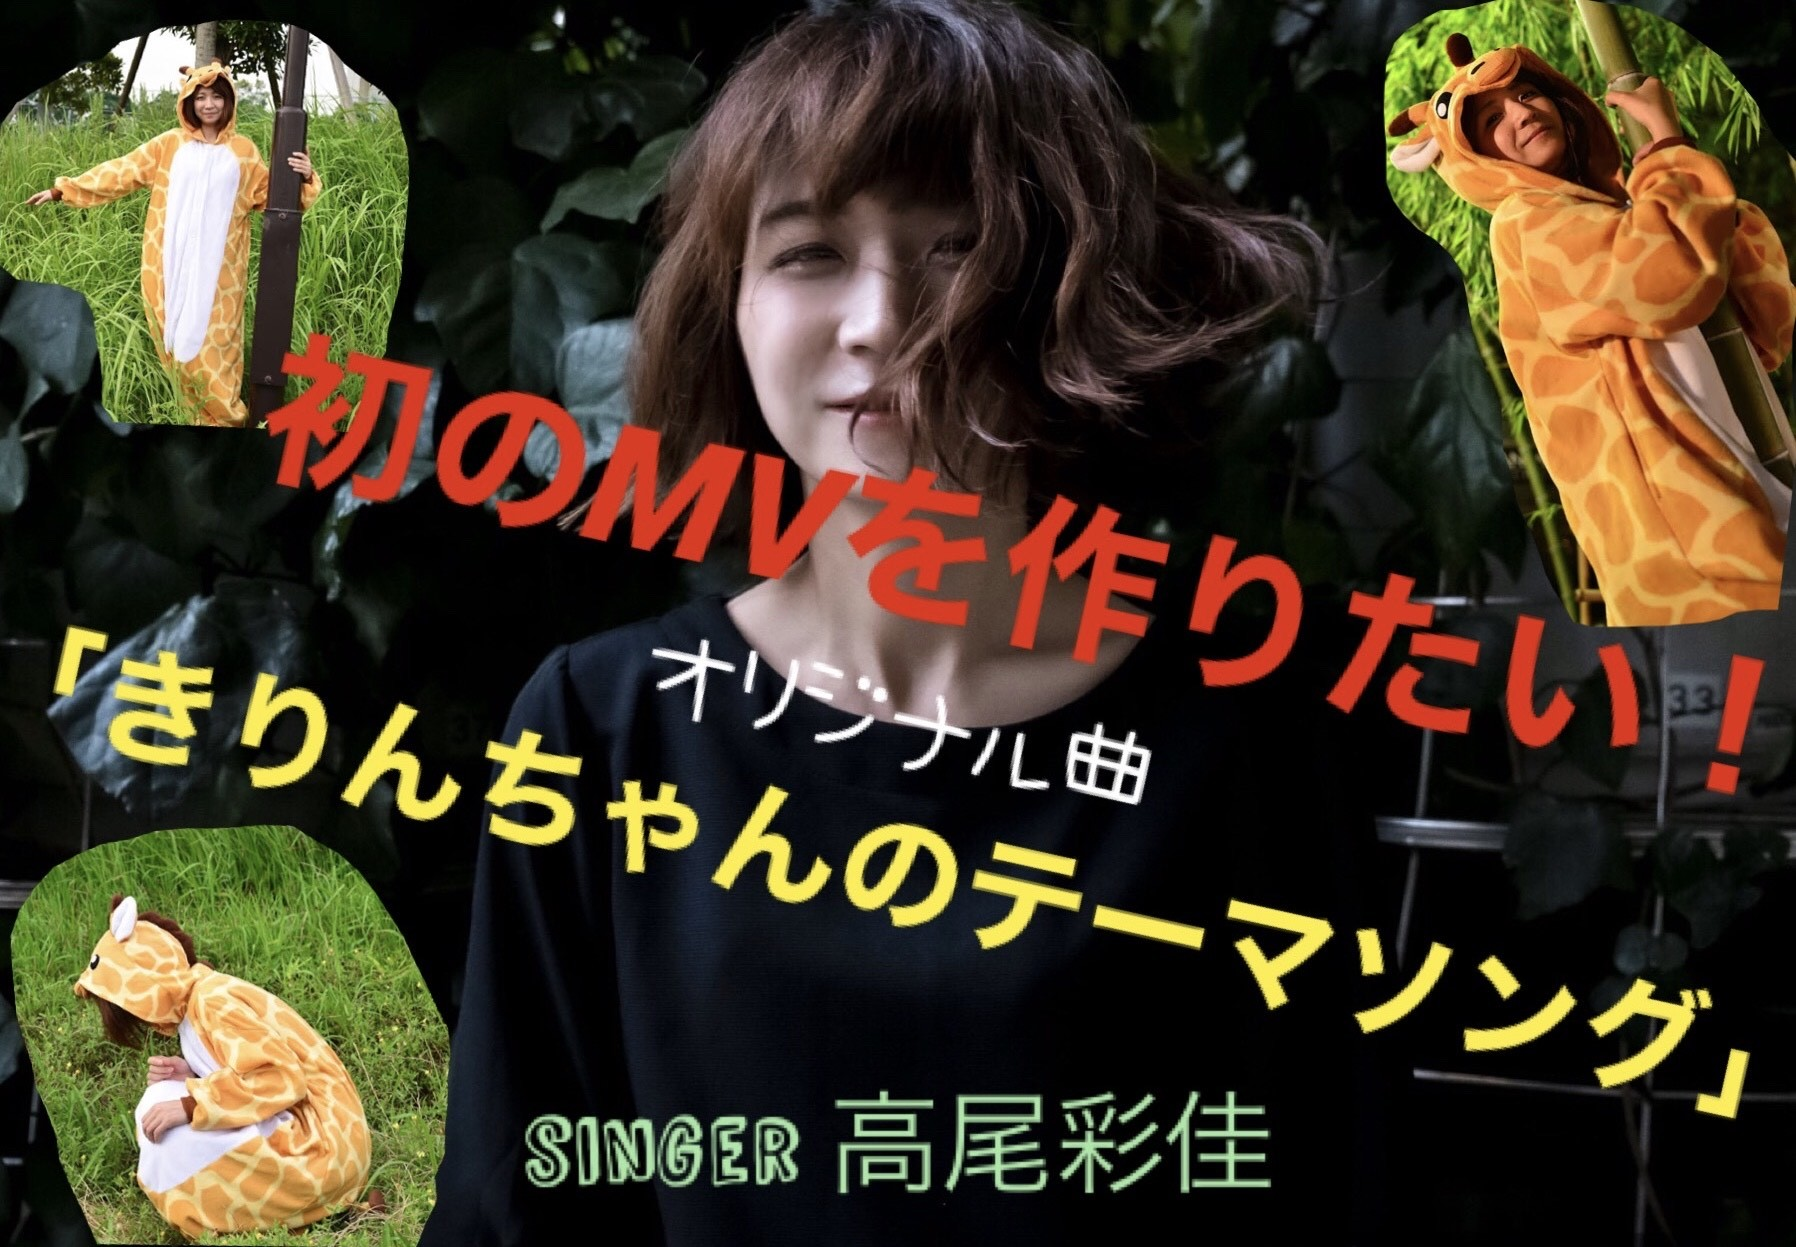 【高尾彩佳】キャリア初のMV制作キャンペーン!